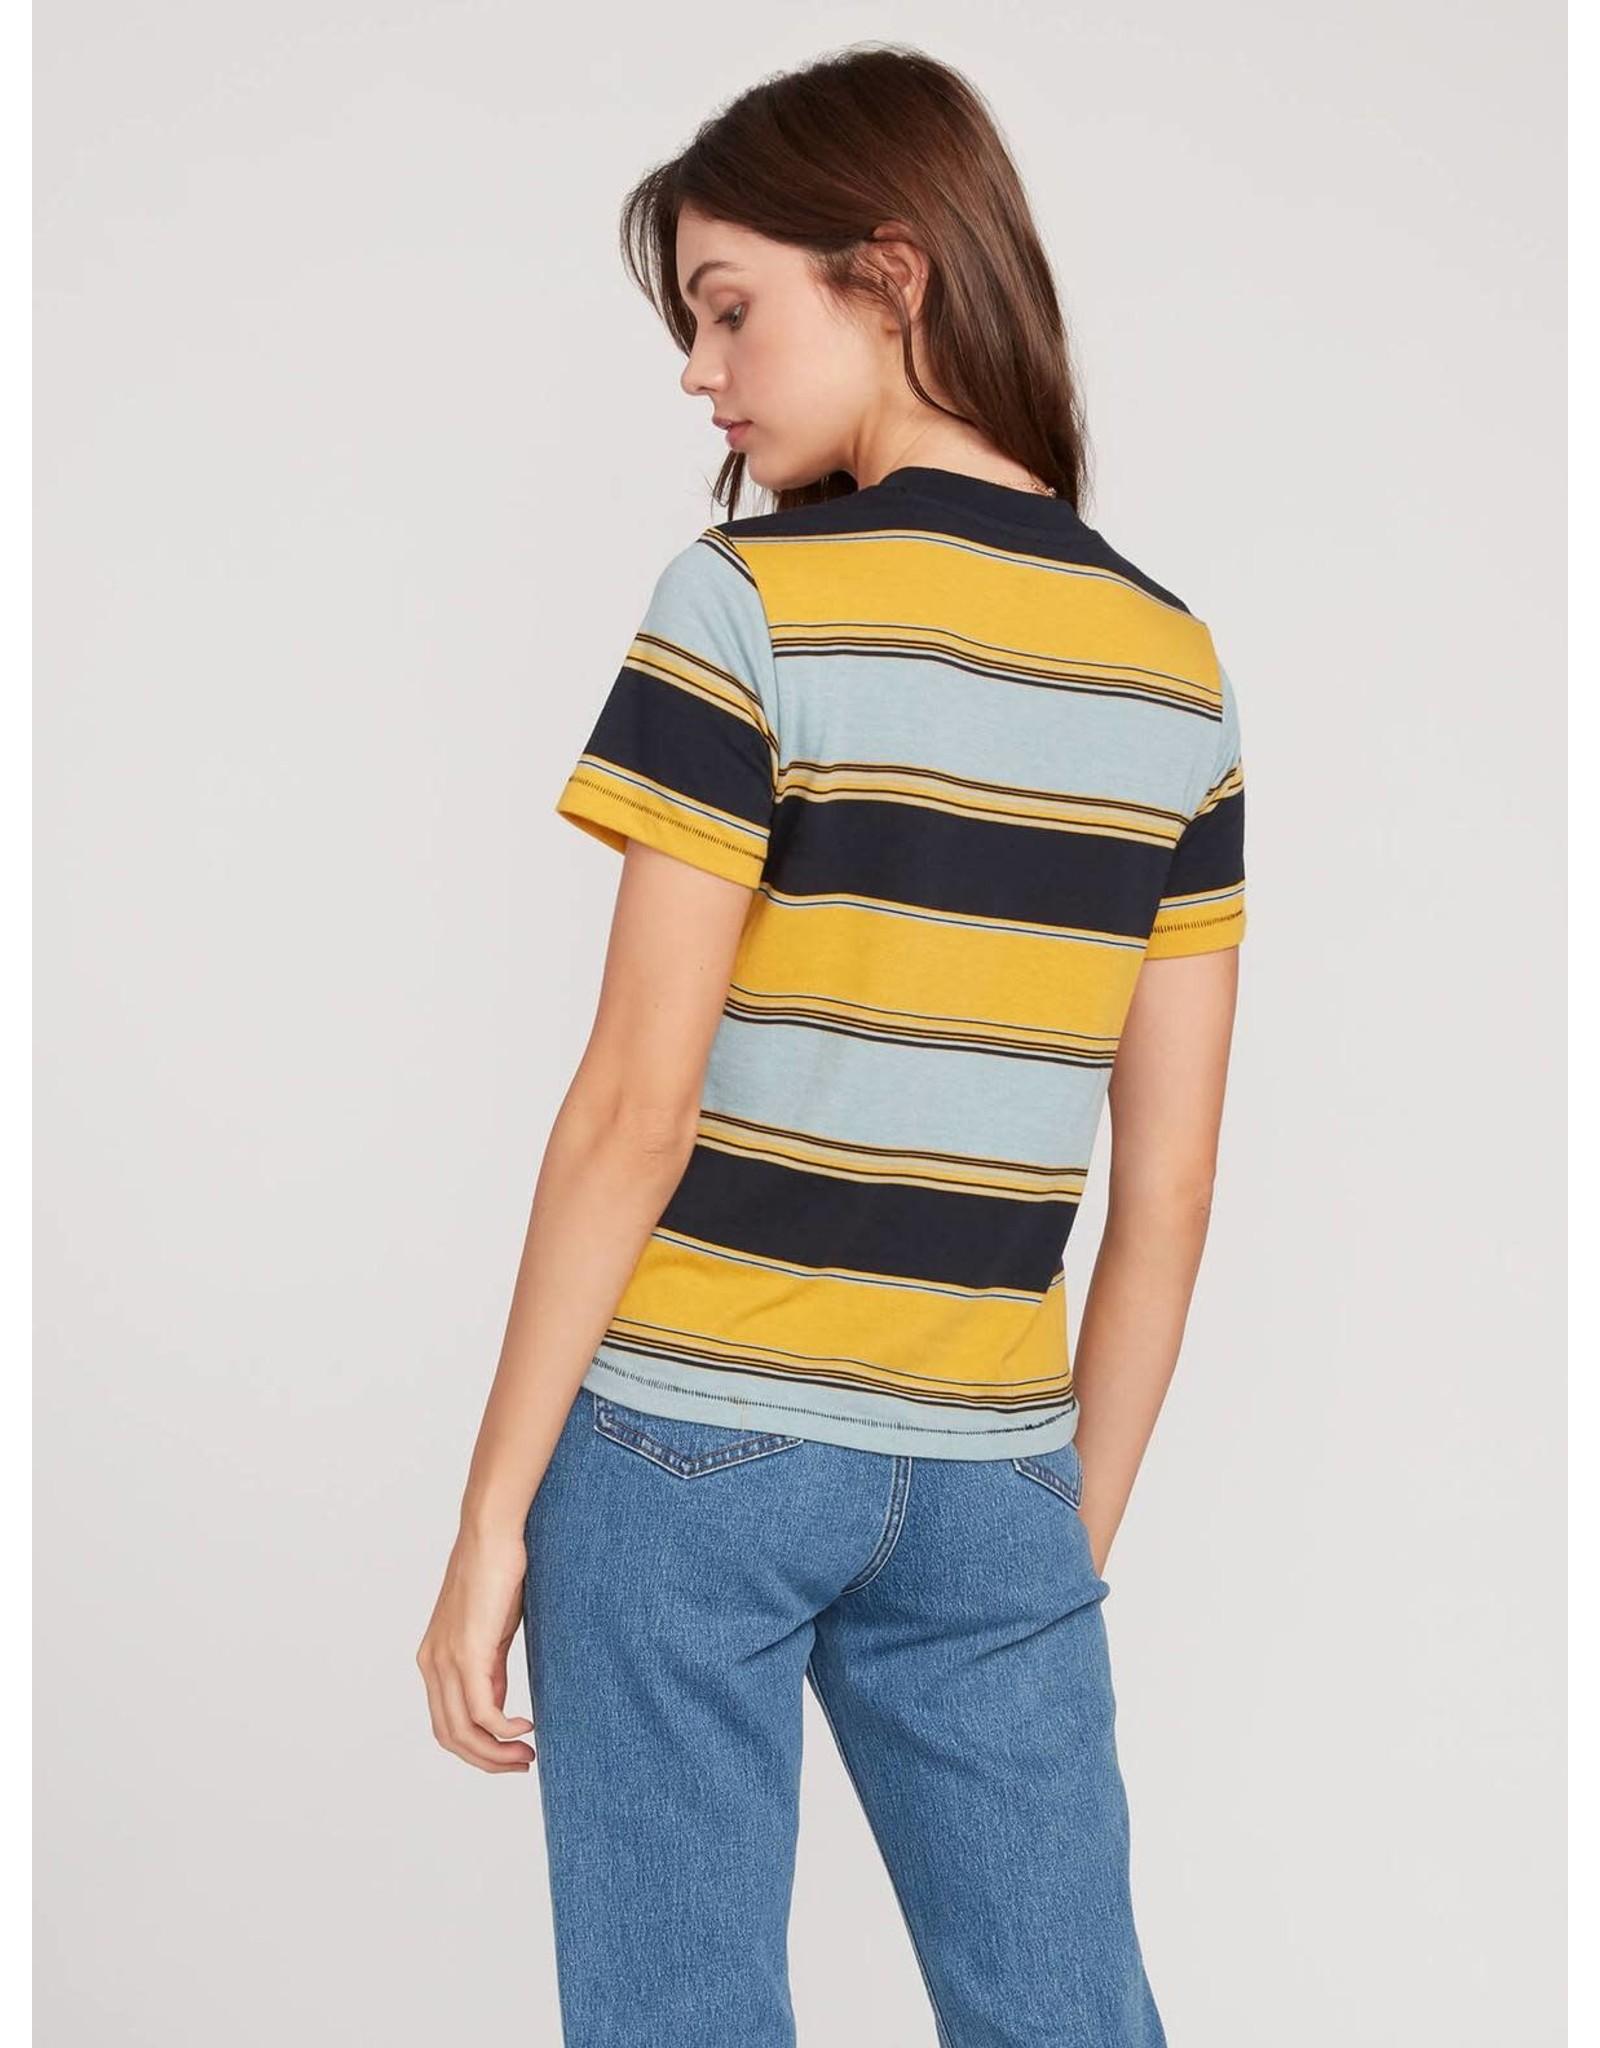 volcom Volcom - t-shirt chromatic crewneck cool blue